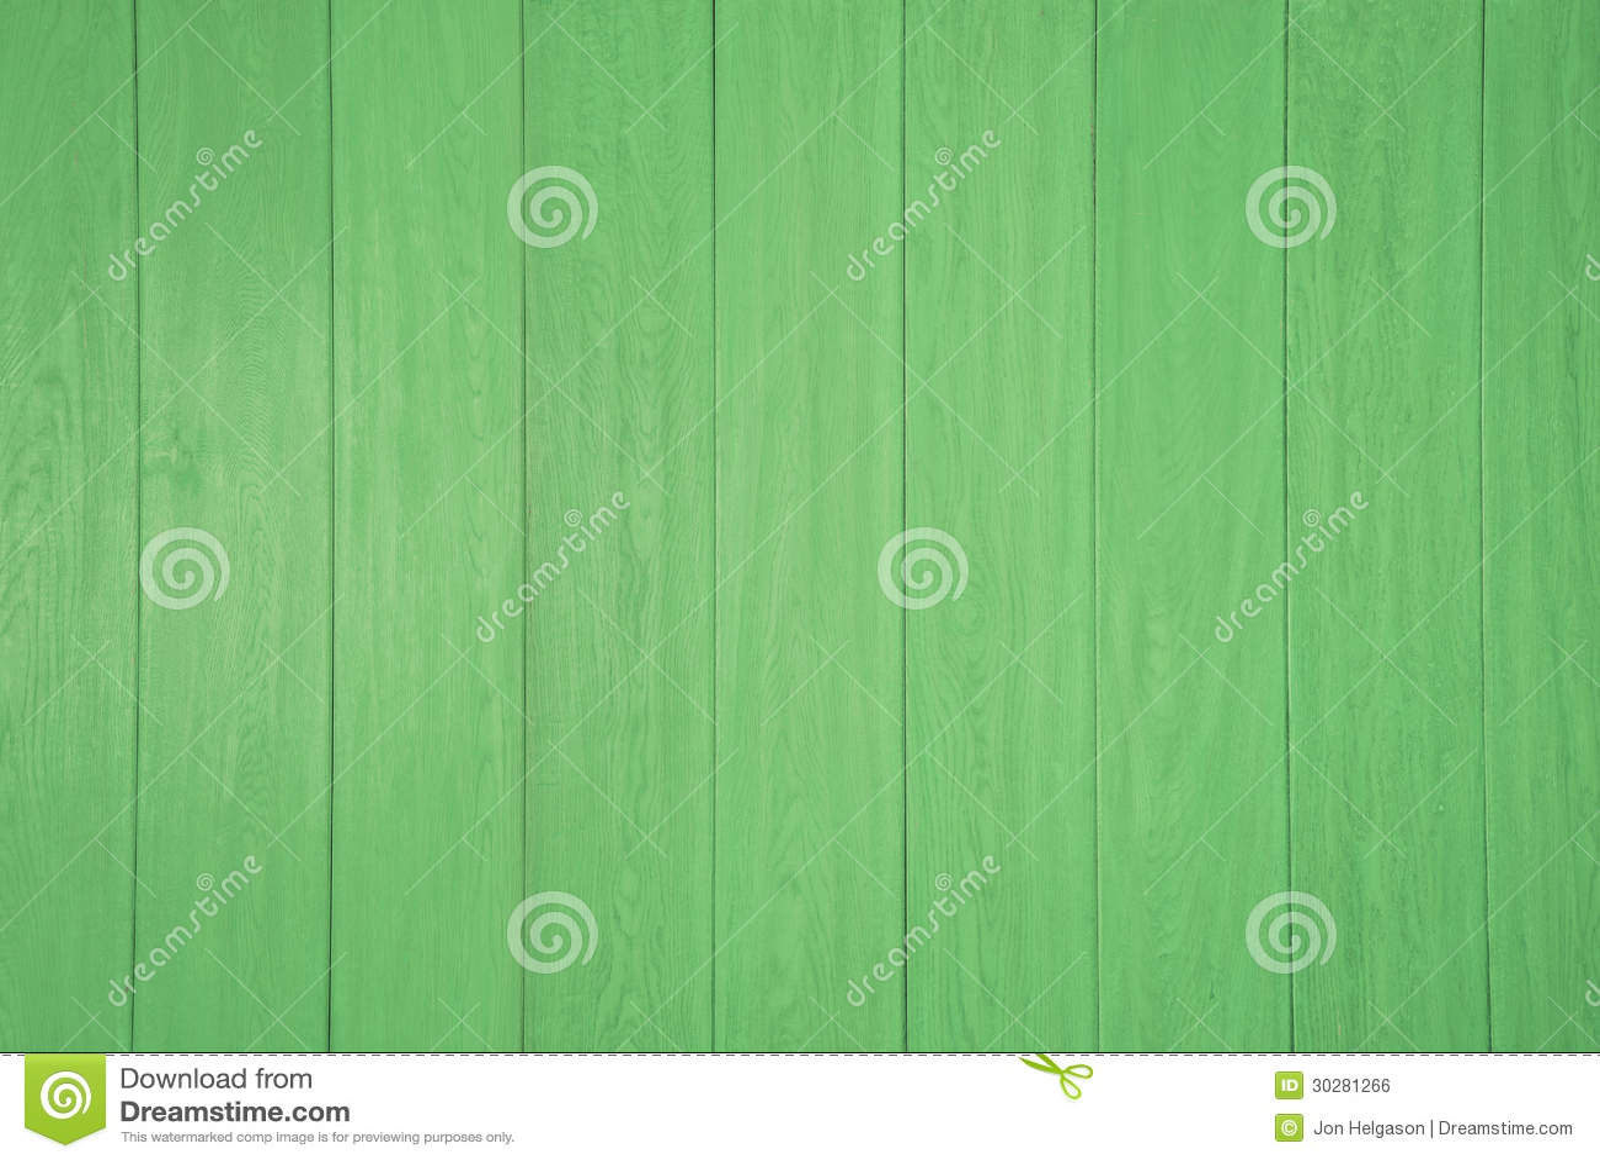 绿色木盘区背景